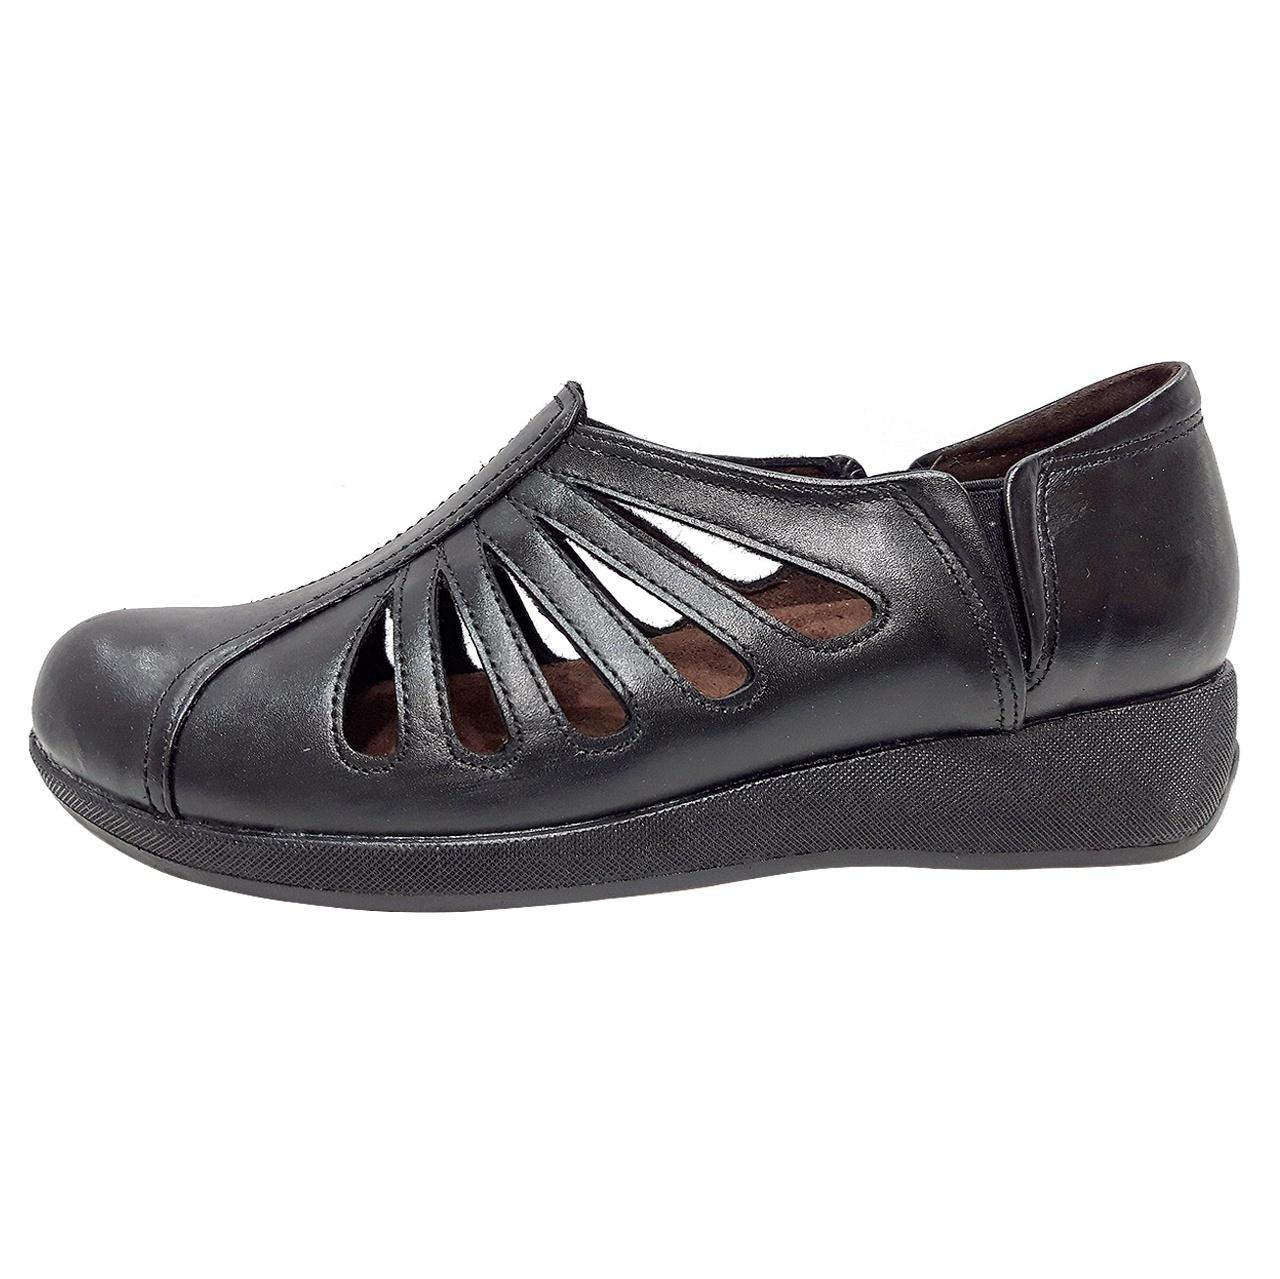 خرید                      کفش روزمره زنانه روشن مدل شاهین کد 11